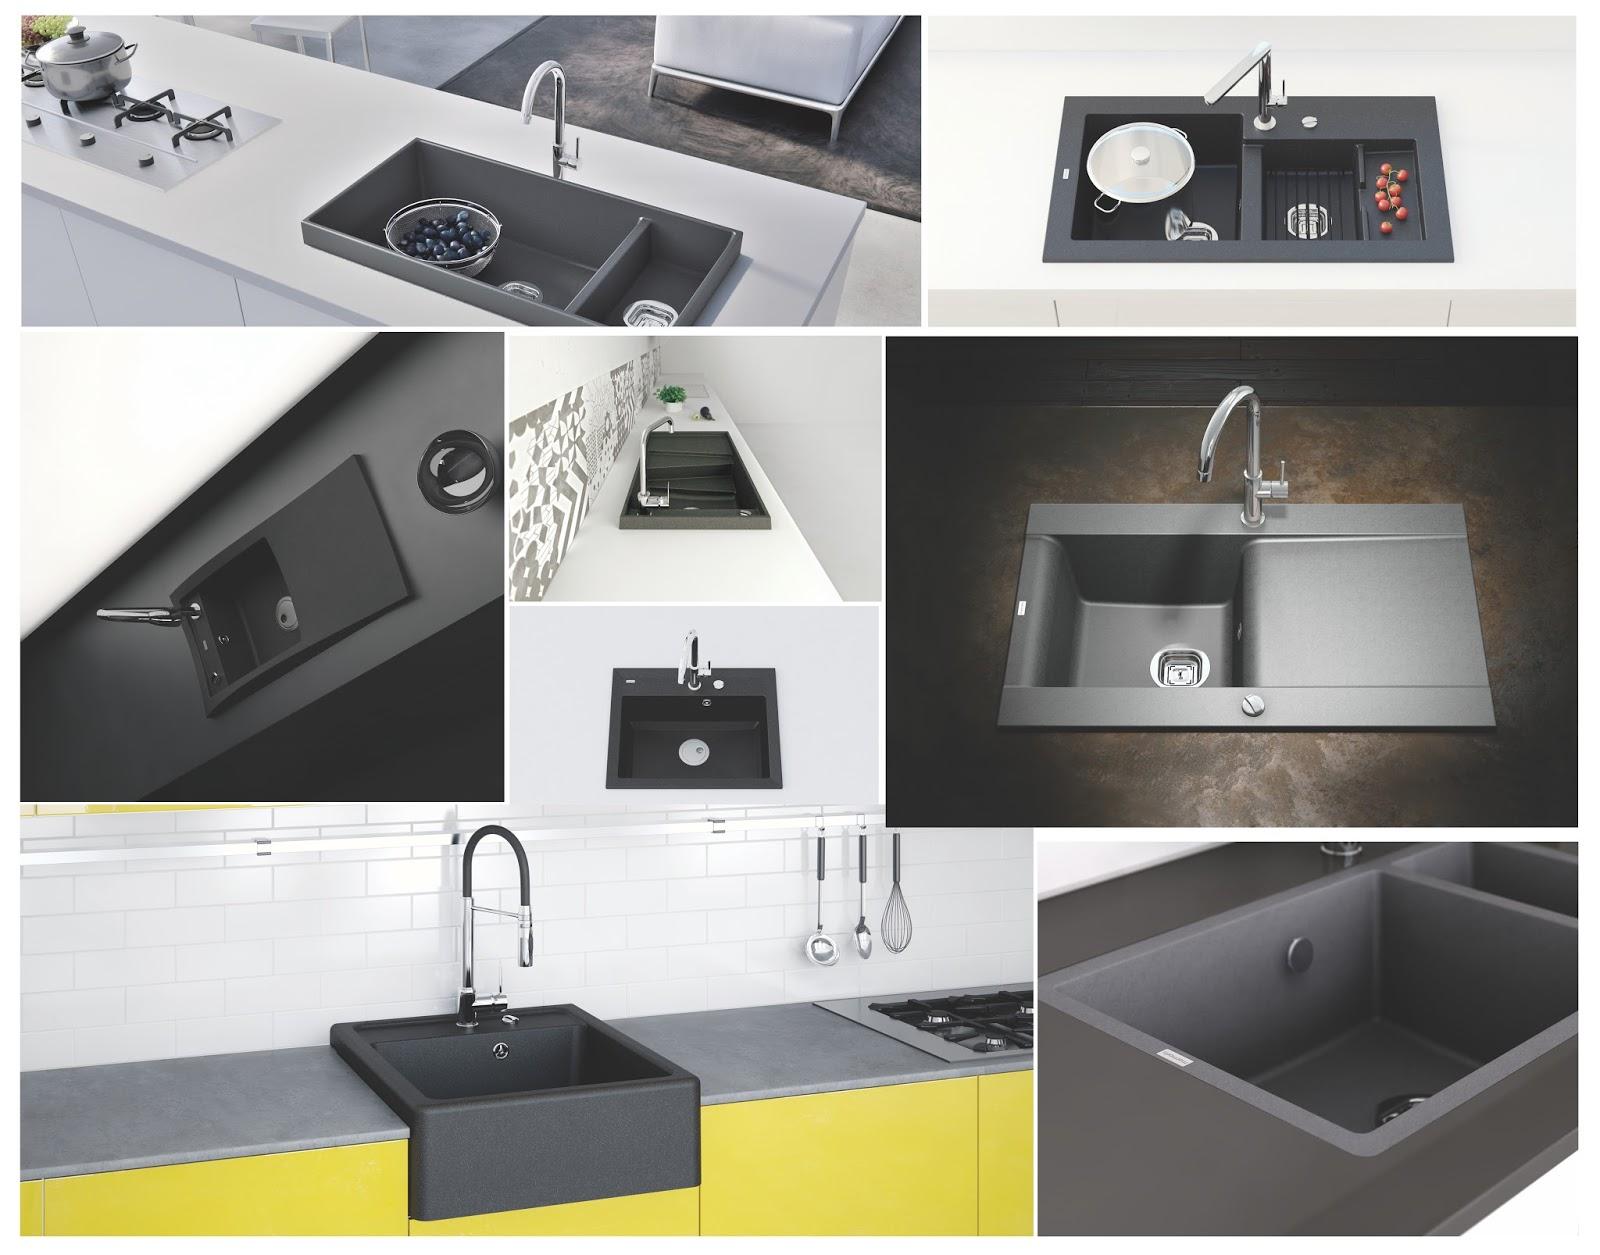 Chiuvete negre din granit compozit, funcționalitate și design în bucătărie